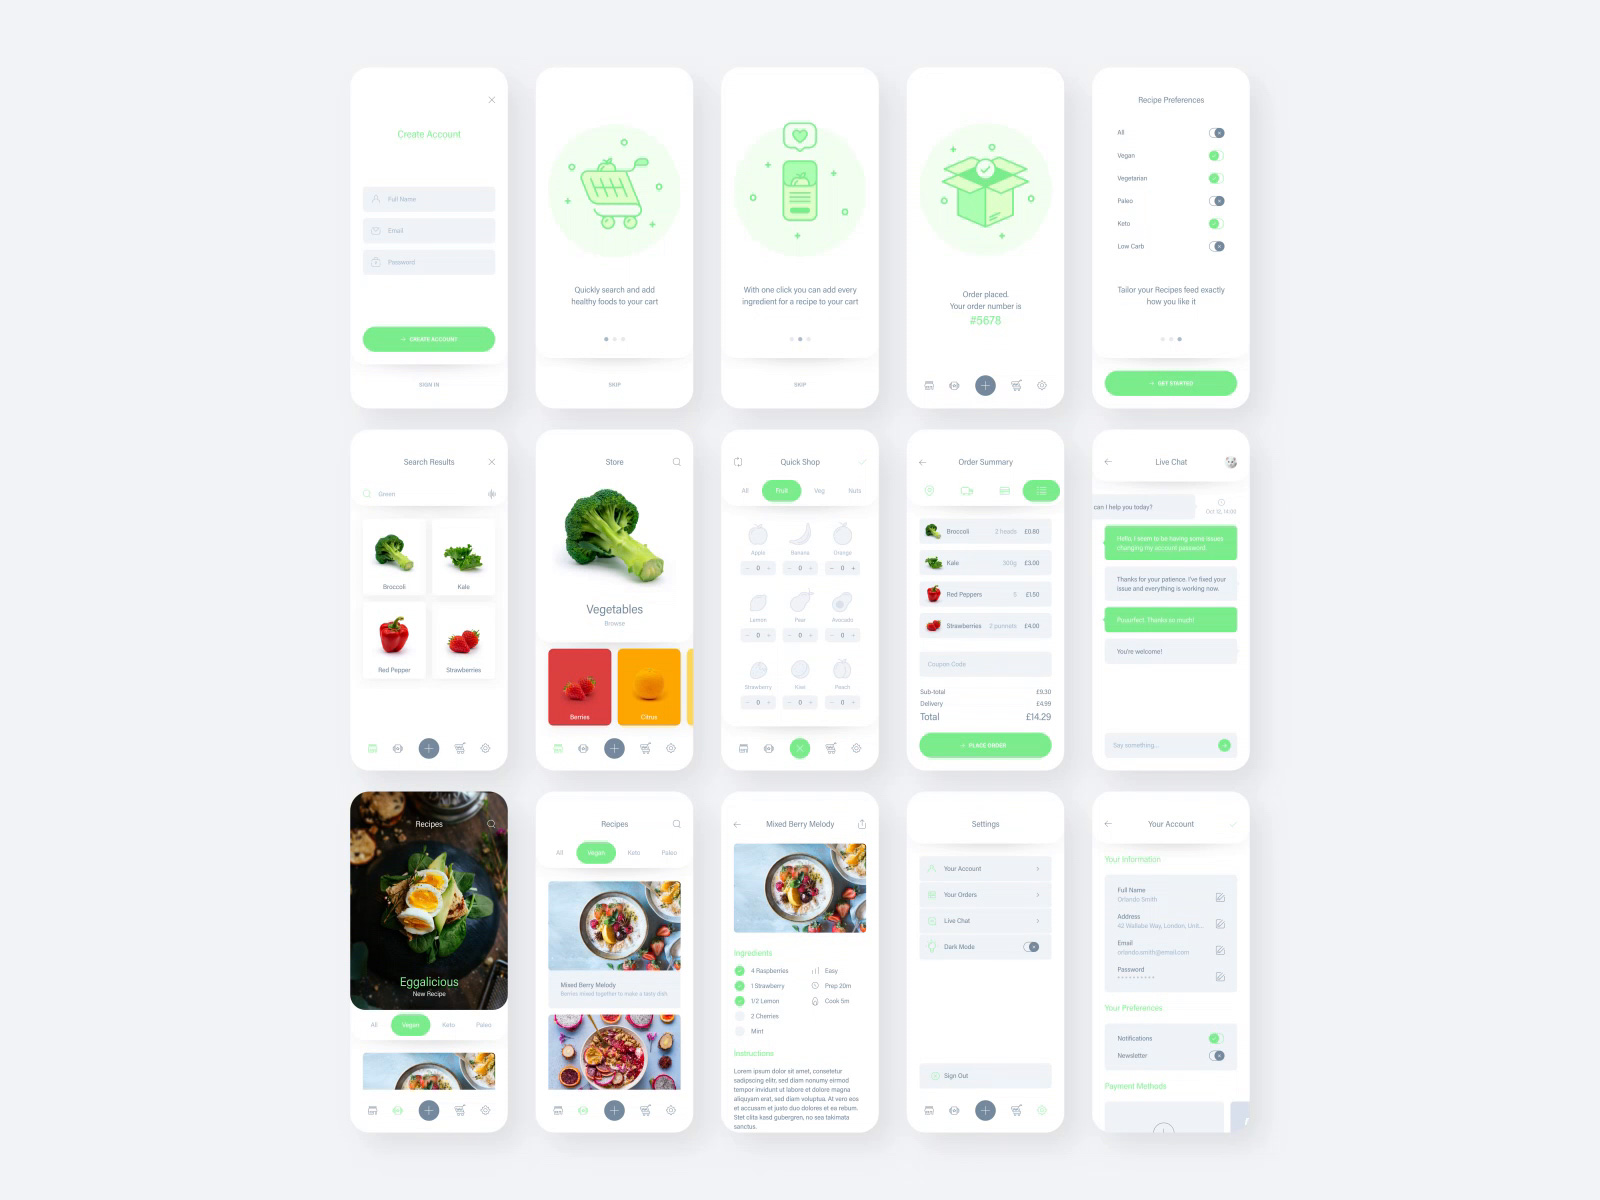 新鲜食物App设计用户界面UI套件插图